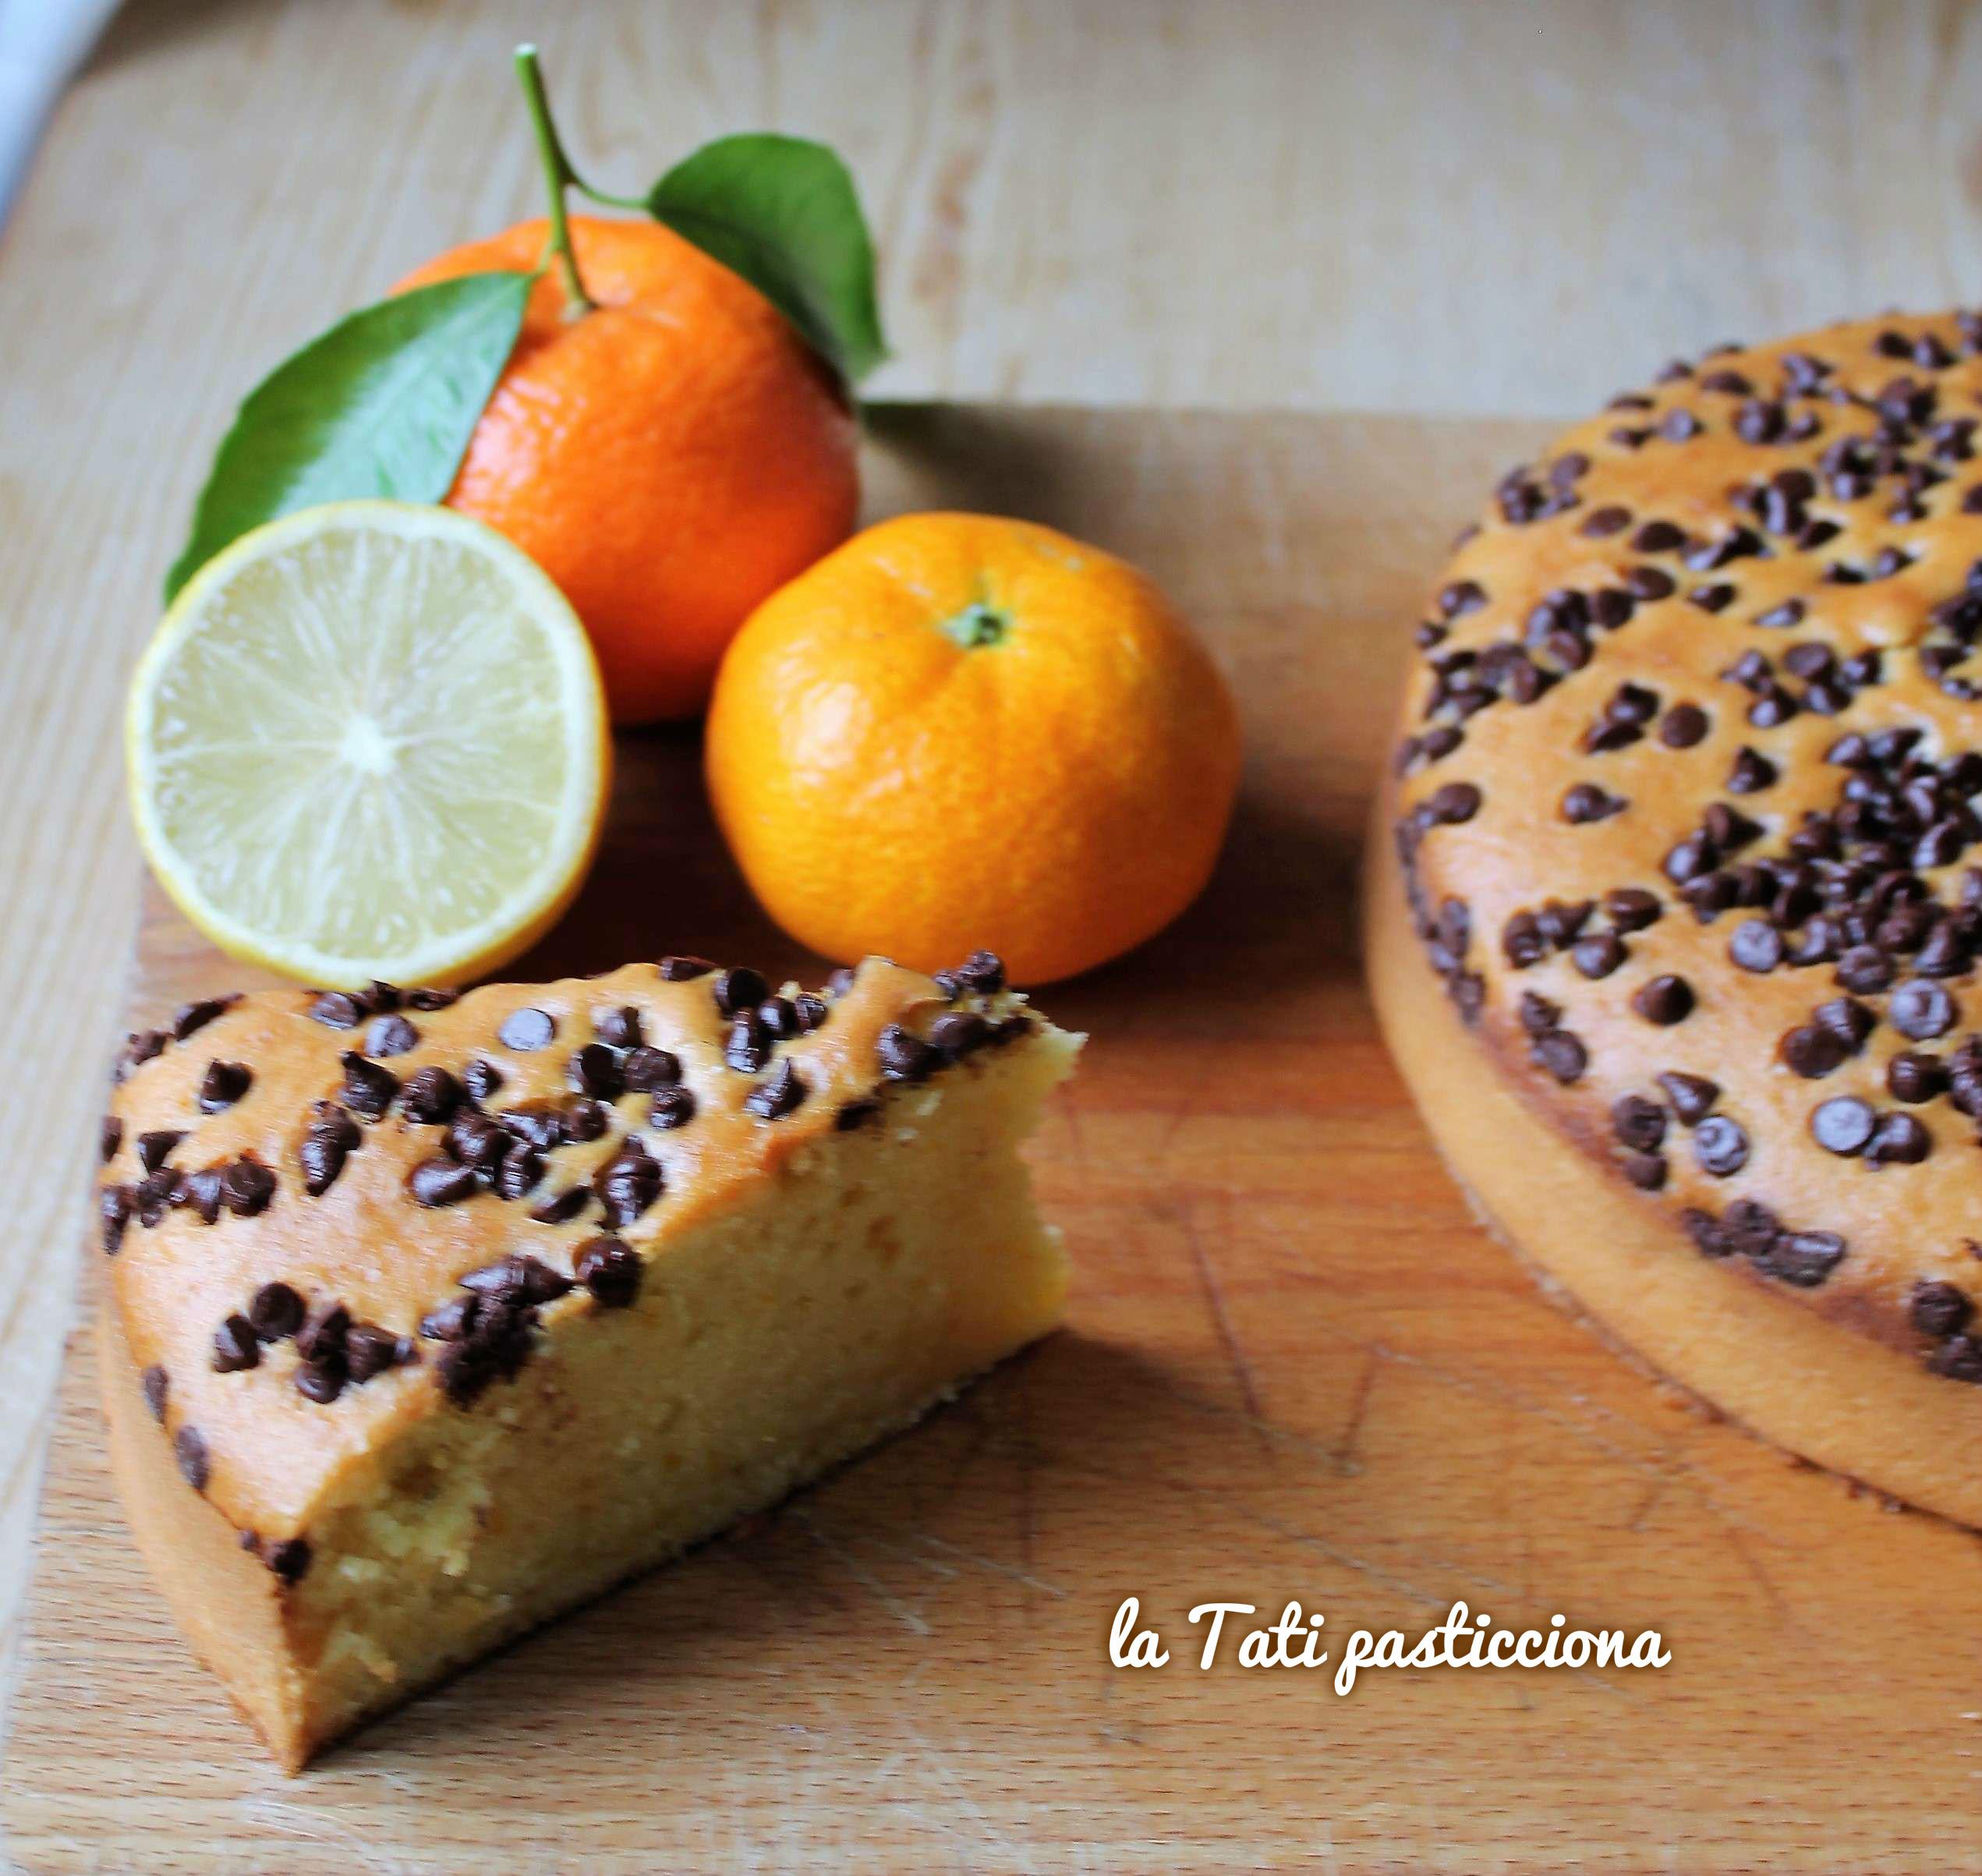 Torta Frullata Senza Uova agli Agrumi e Cioccolato